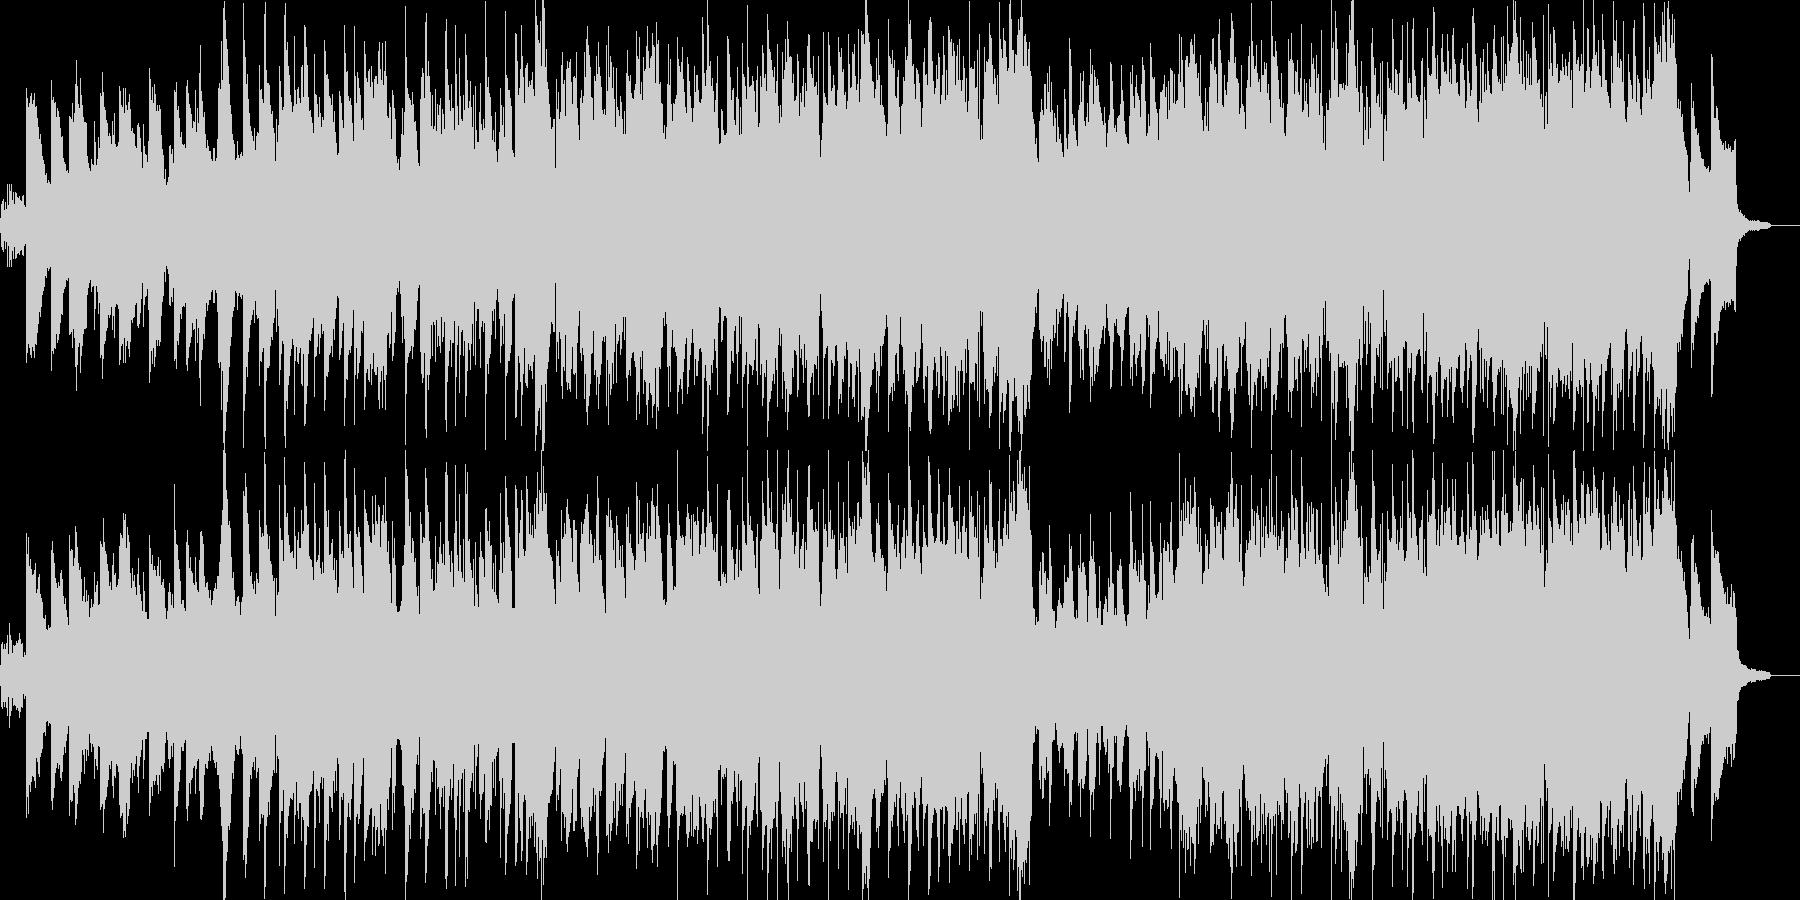 笛とピアノの古風なニューエイジ音楽の未再生の波形